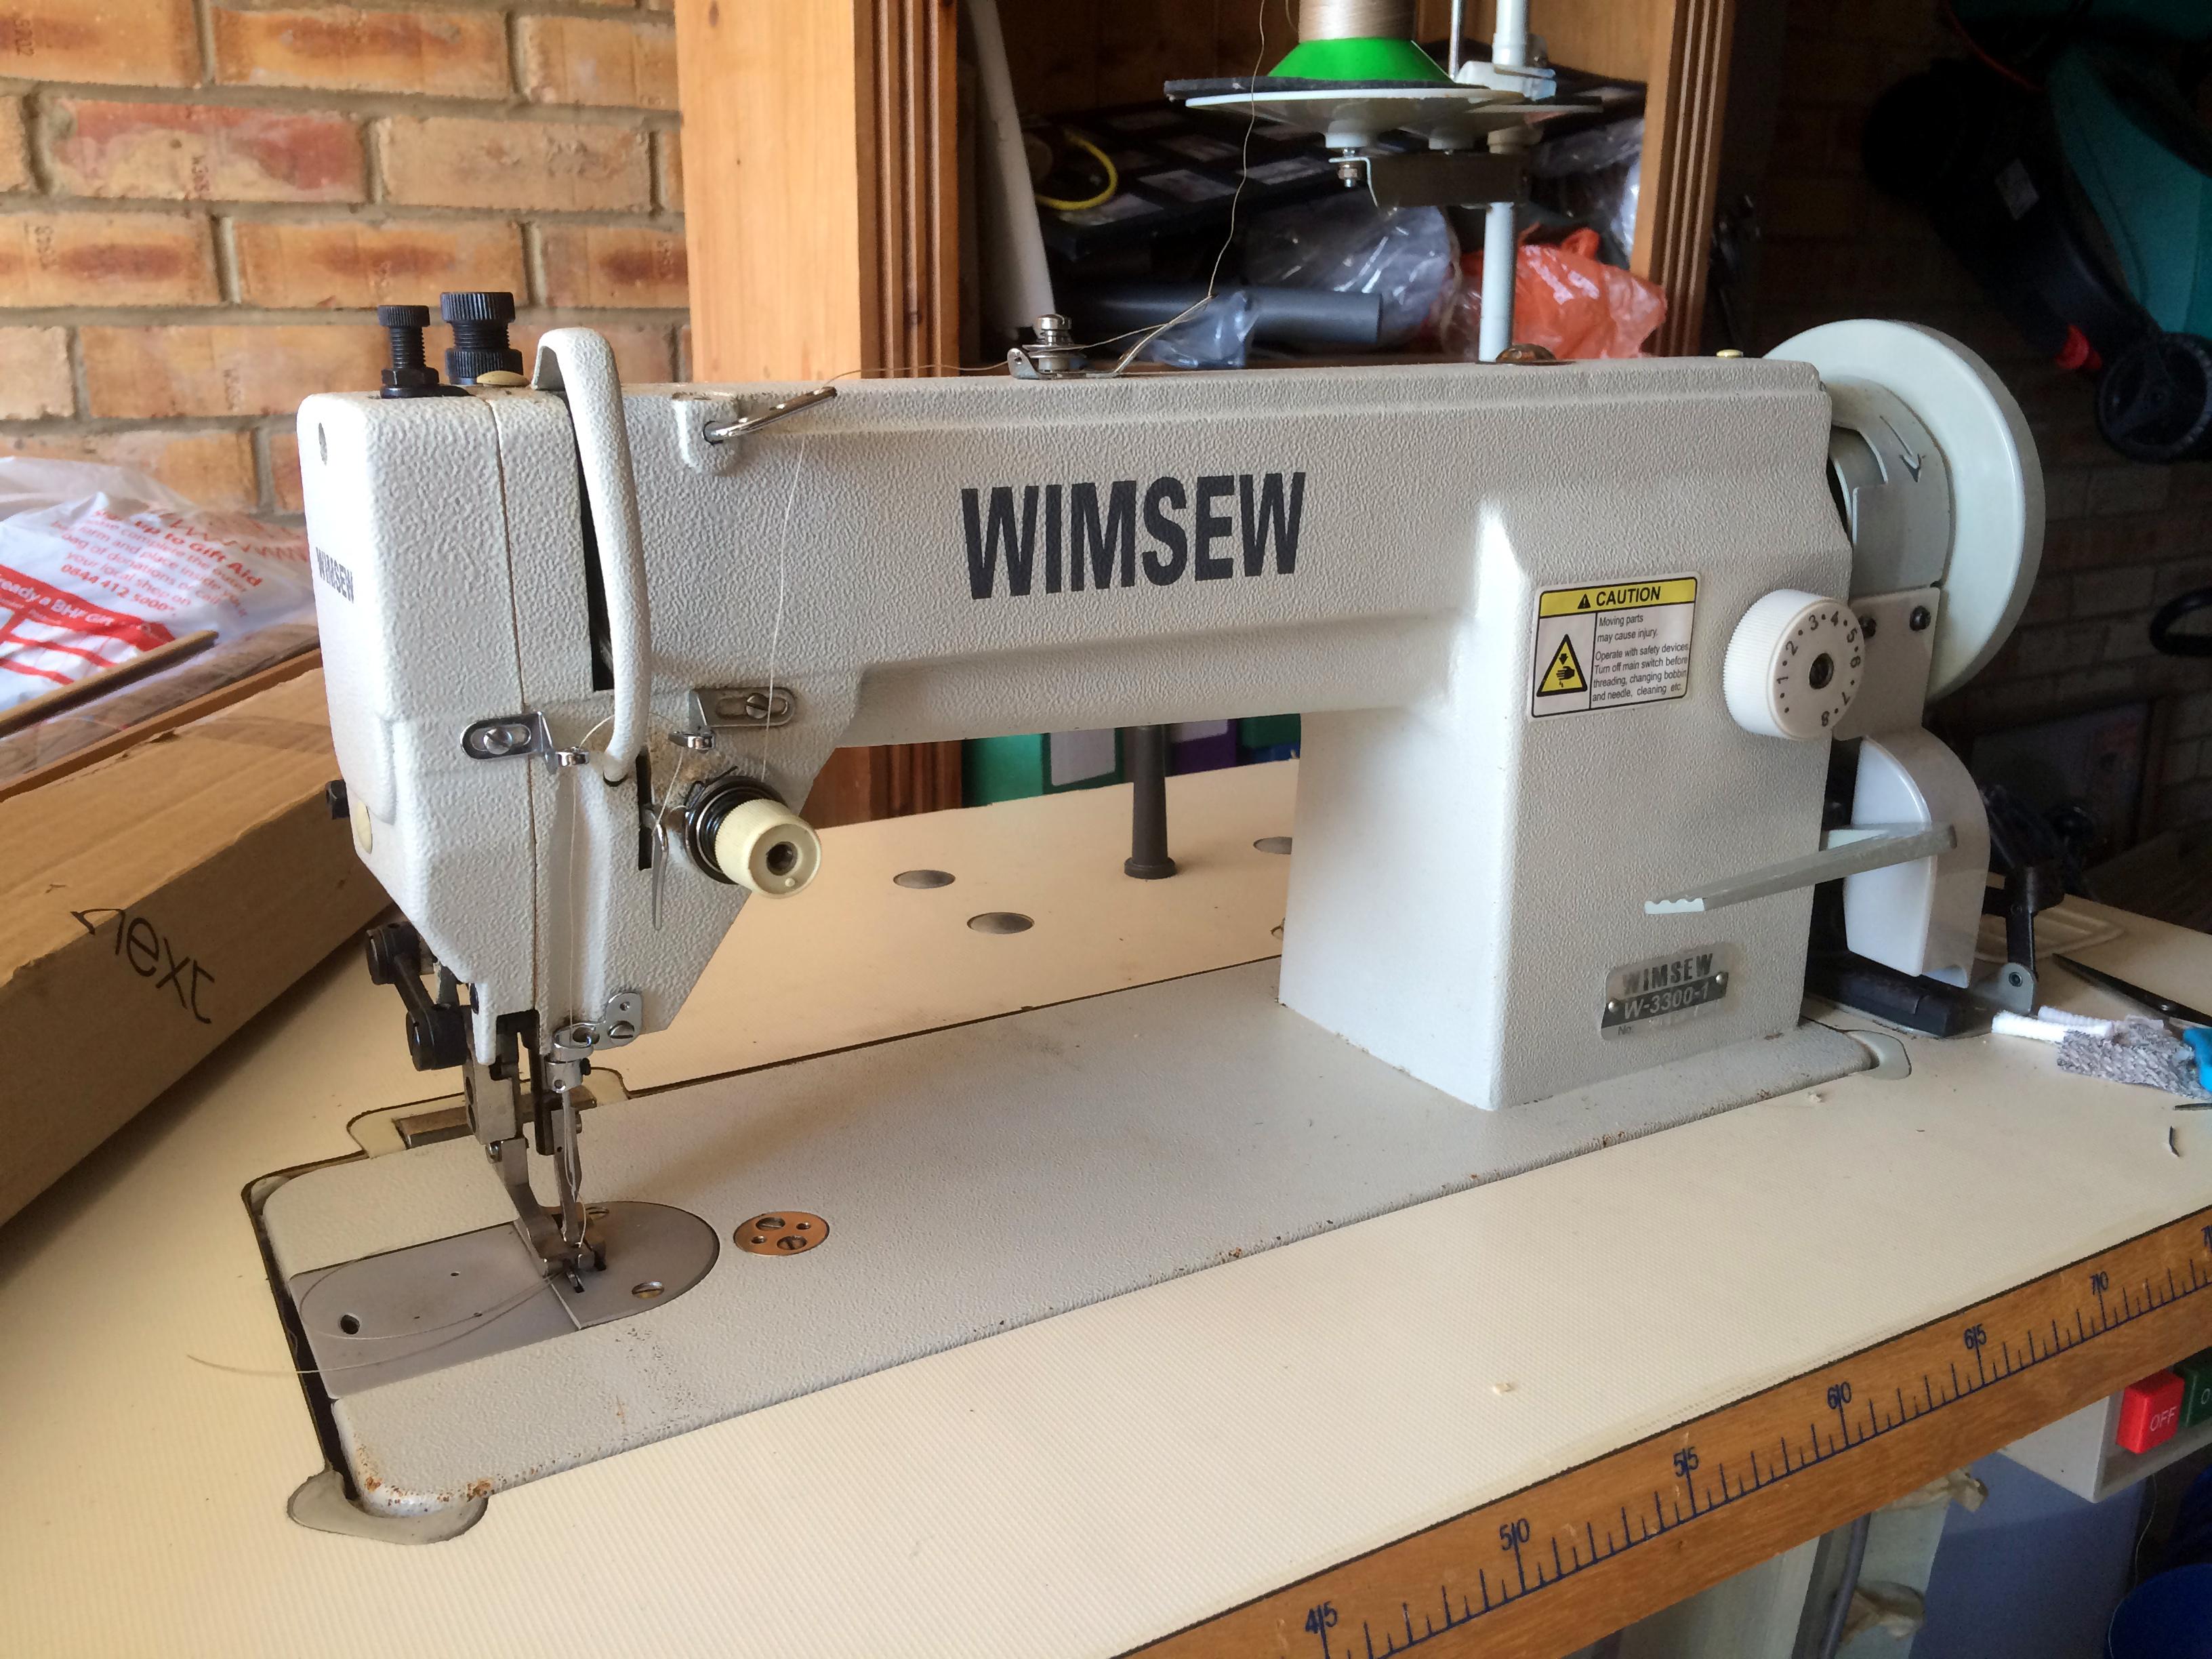 Wimsew Industrial Walking Foot